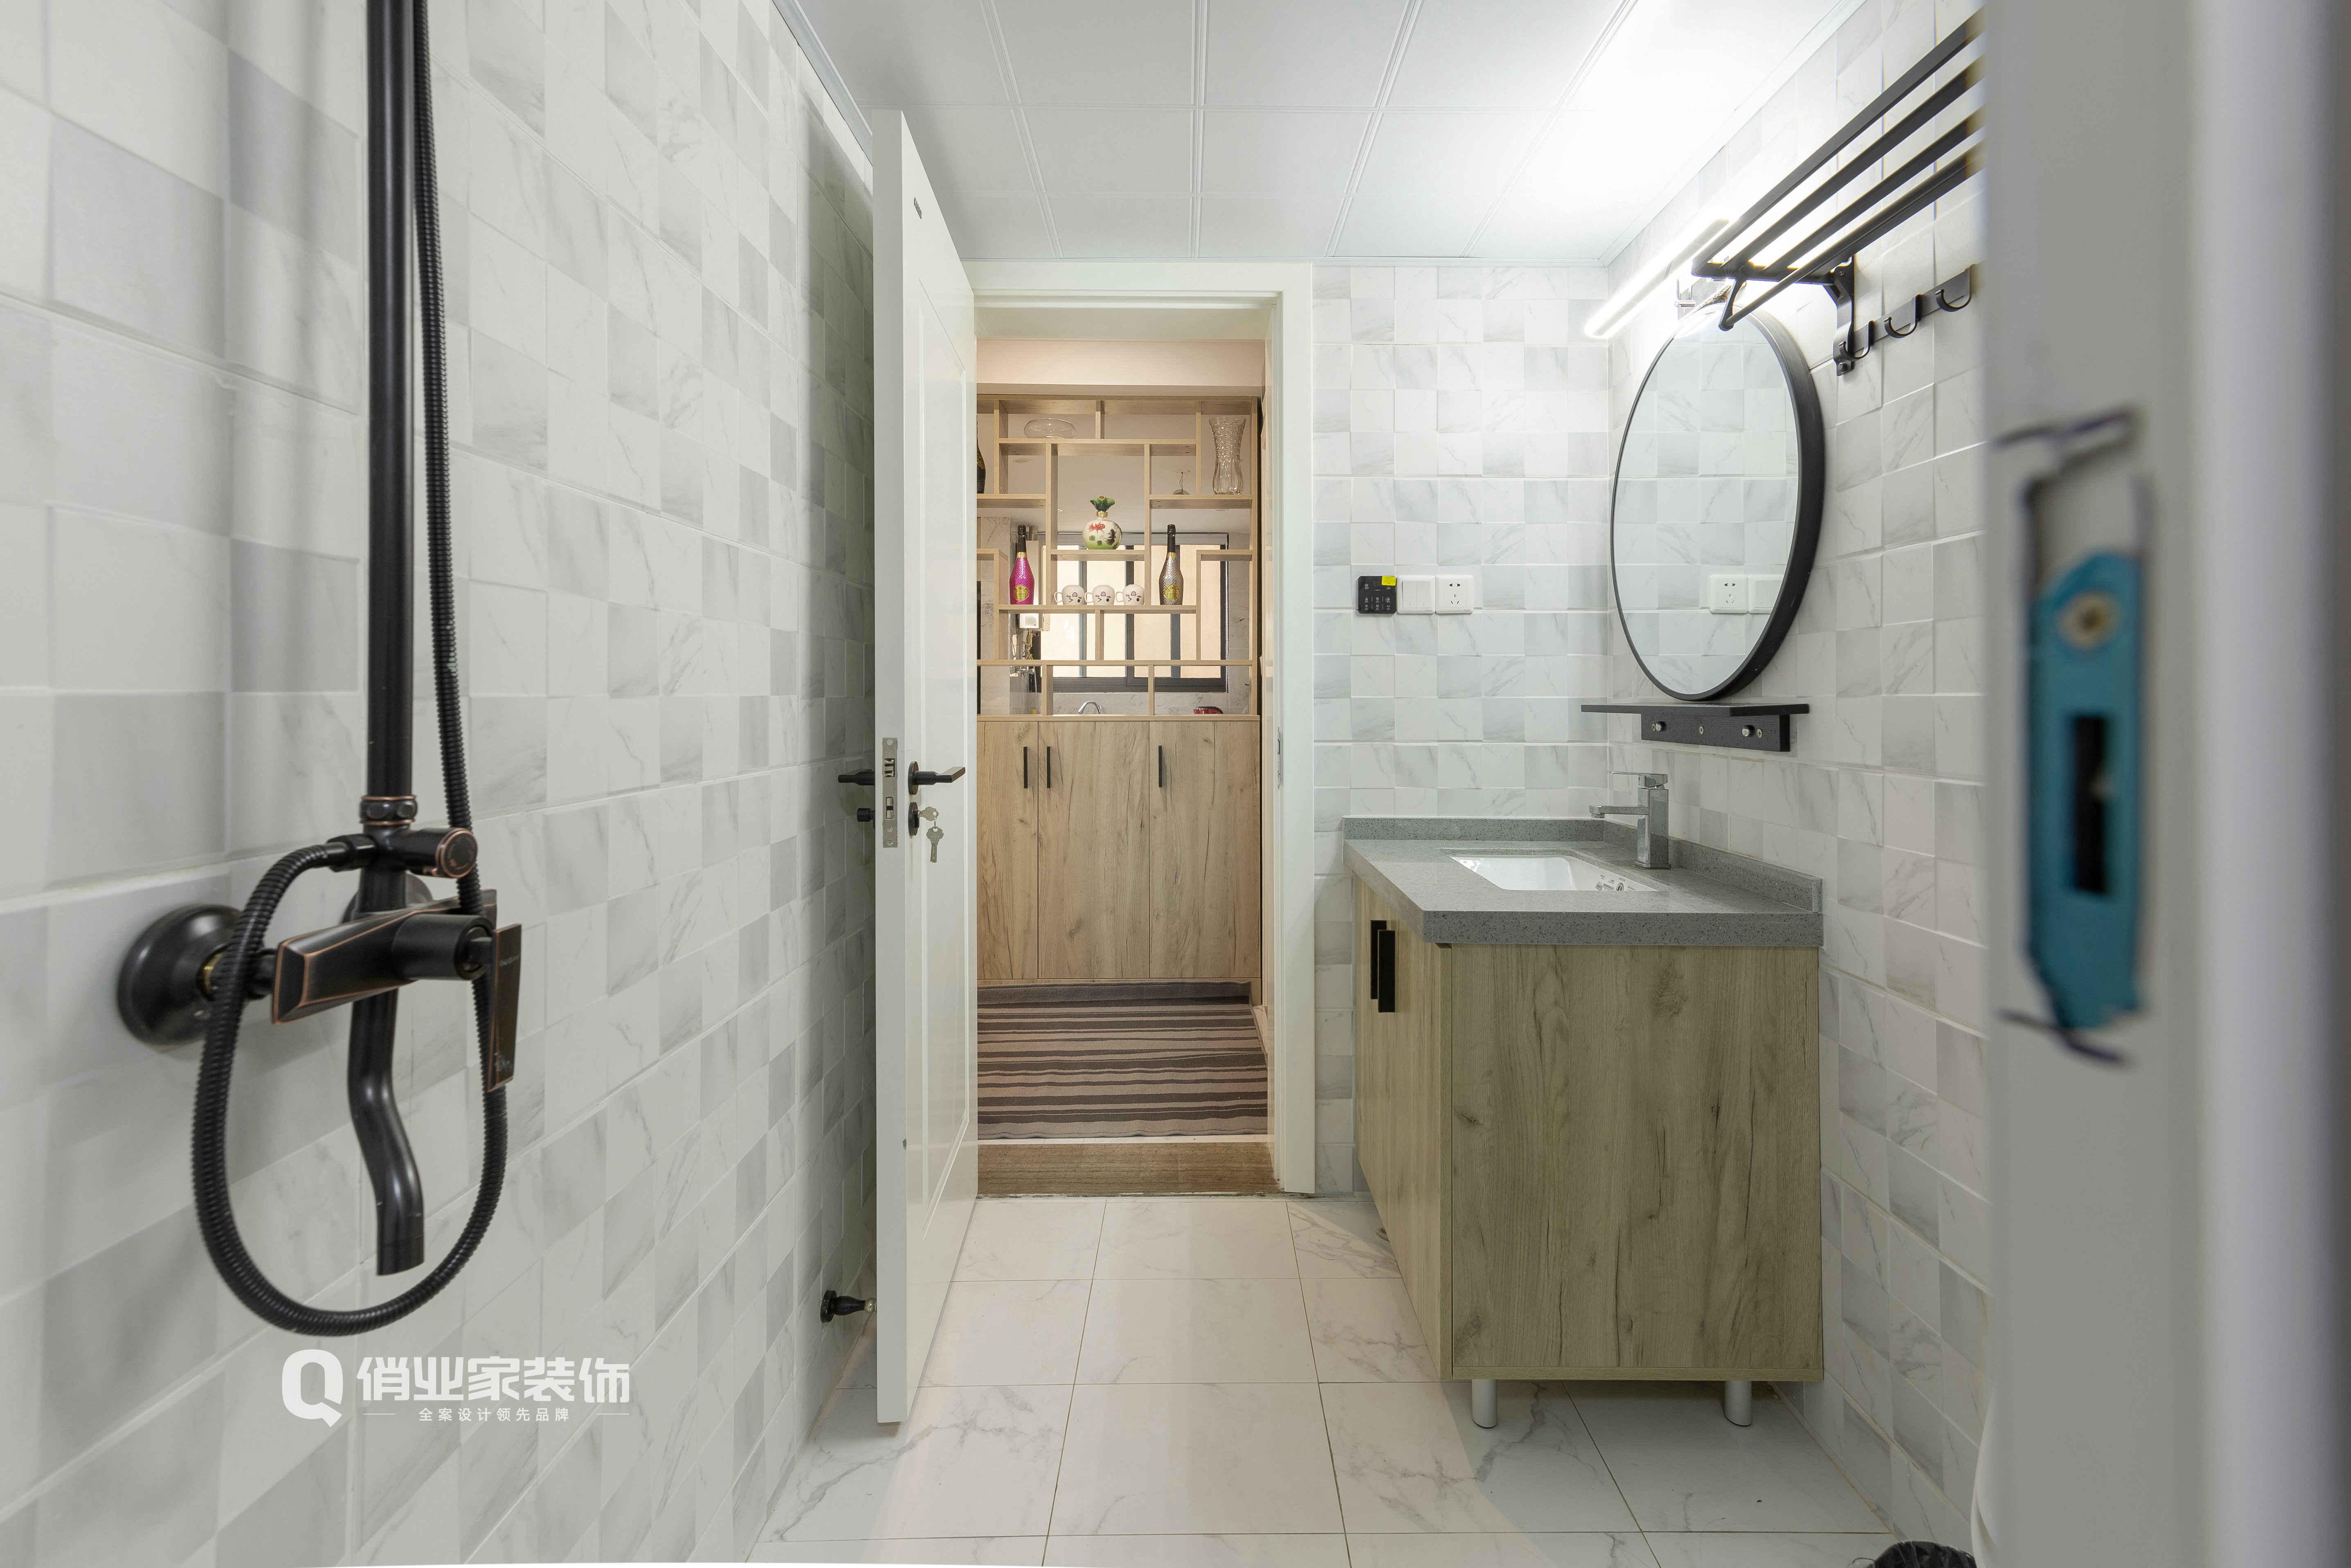 混搭 三居 现代 卫生间图片来自俏业家装饰在俏业家装饰富力湾装修现代混搭的分享